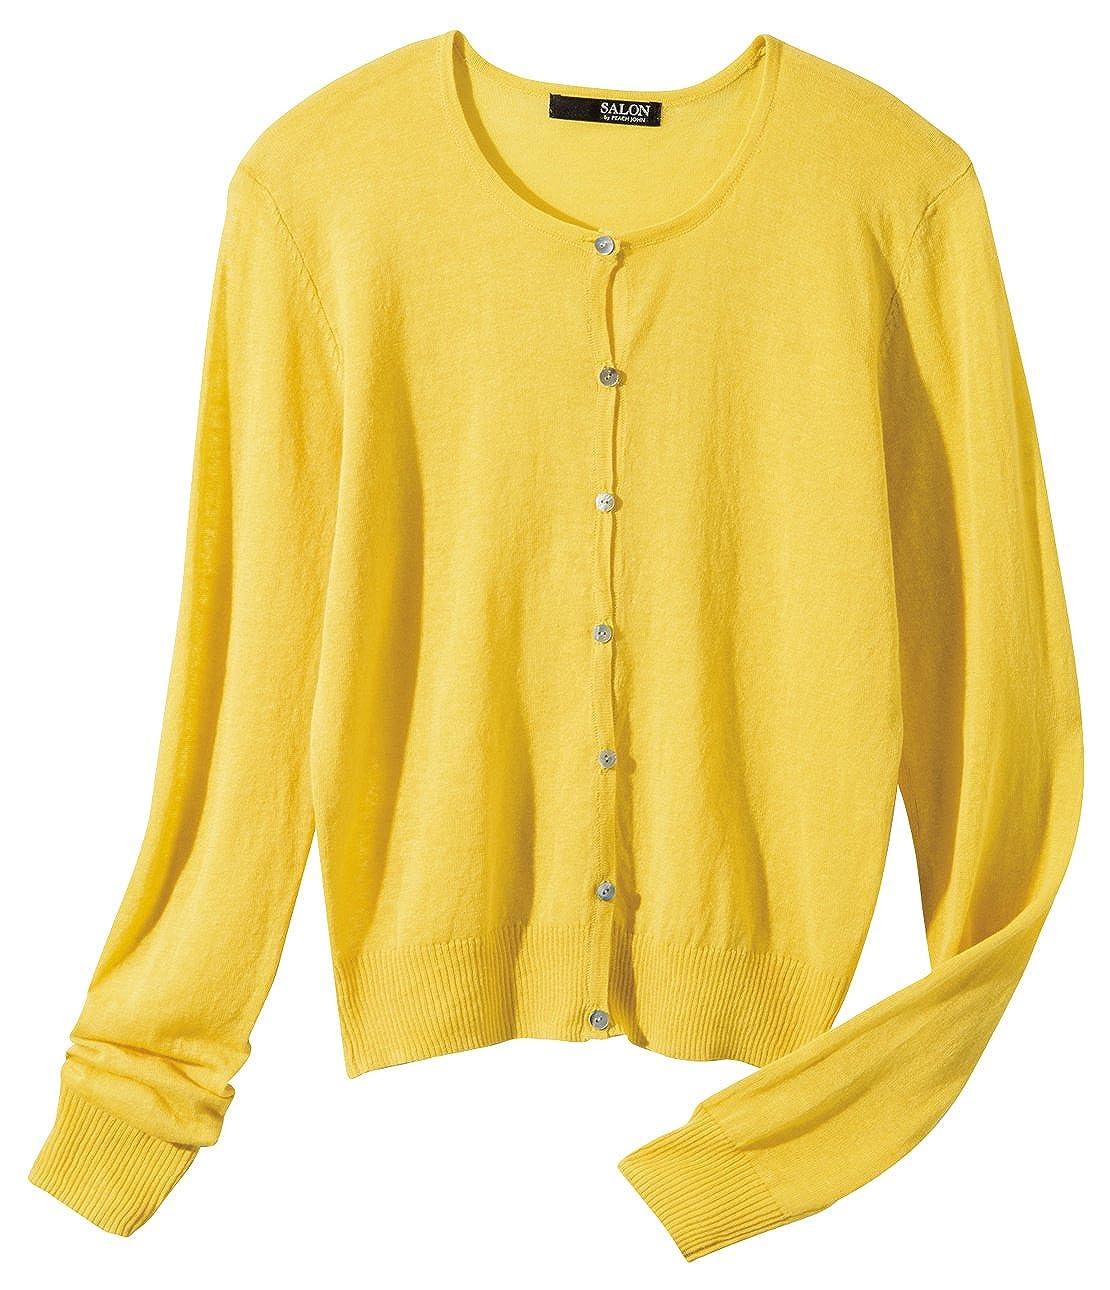 Amazon.co.jp: (ピーチ・ジョン)PEACH JOHN フランダースリネンカーデ: 服&ファッション小物通販